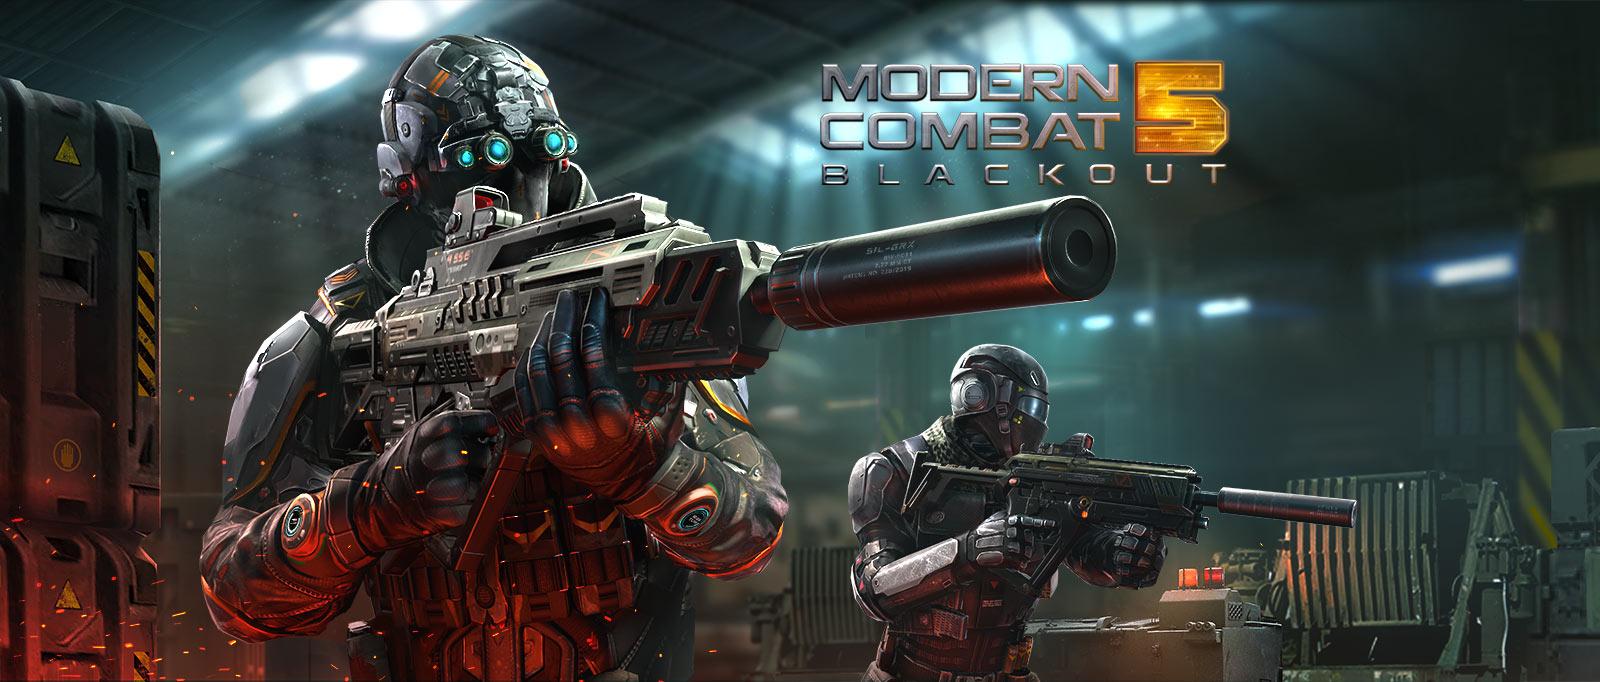 moderne combat 5